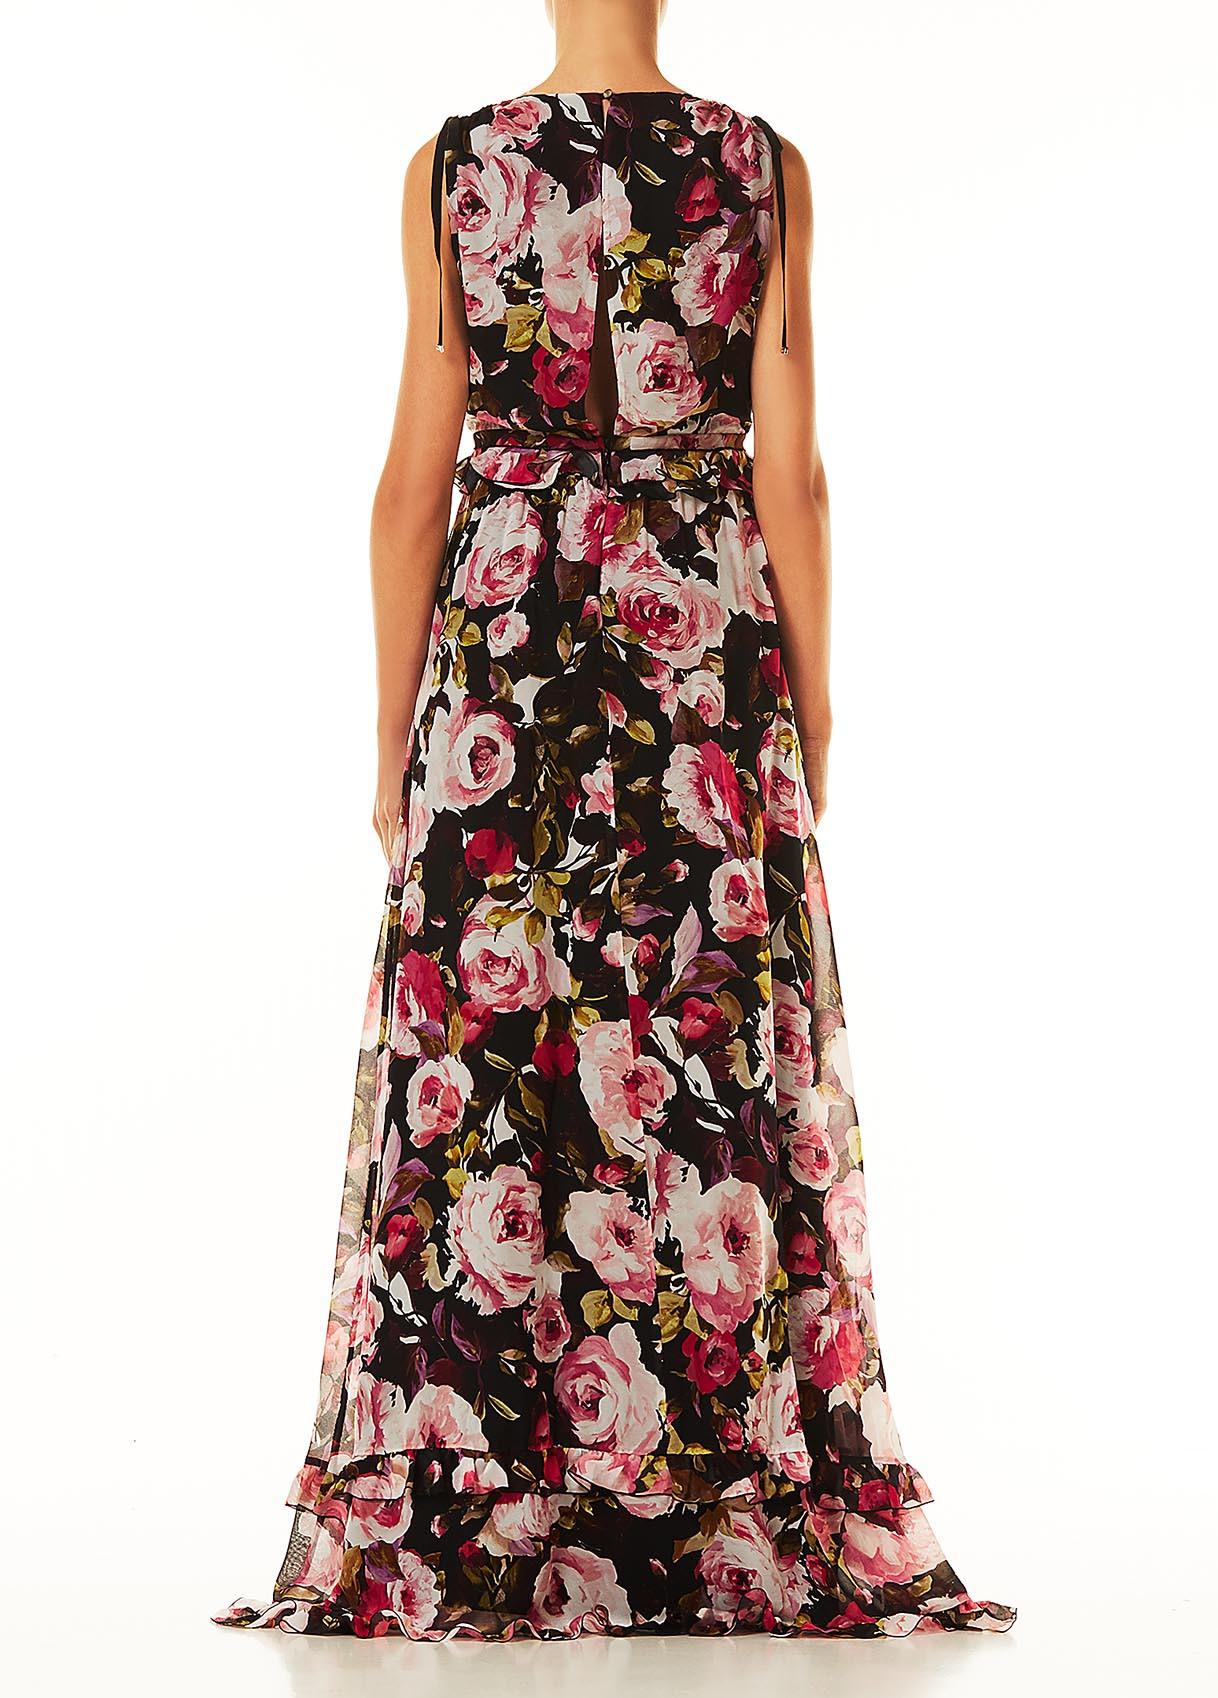 13 Coolste Kleid Mit Blumen Spezialgebiet10 Spektakulär Kleid Mit Blumen Galerie